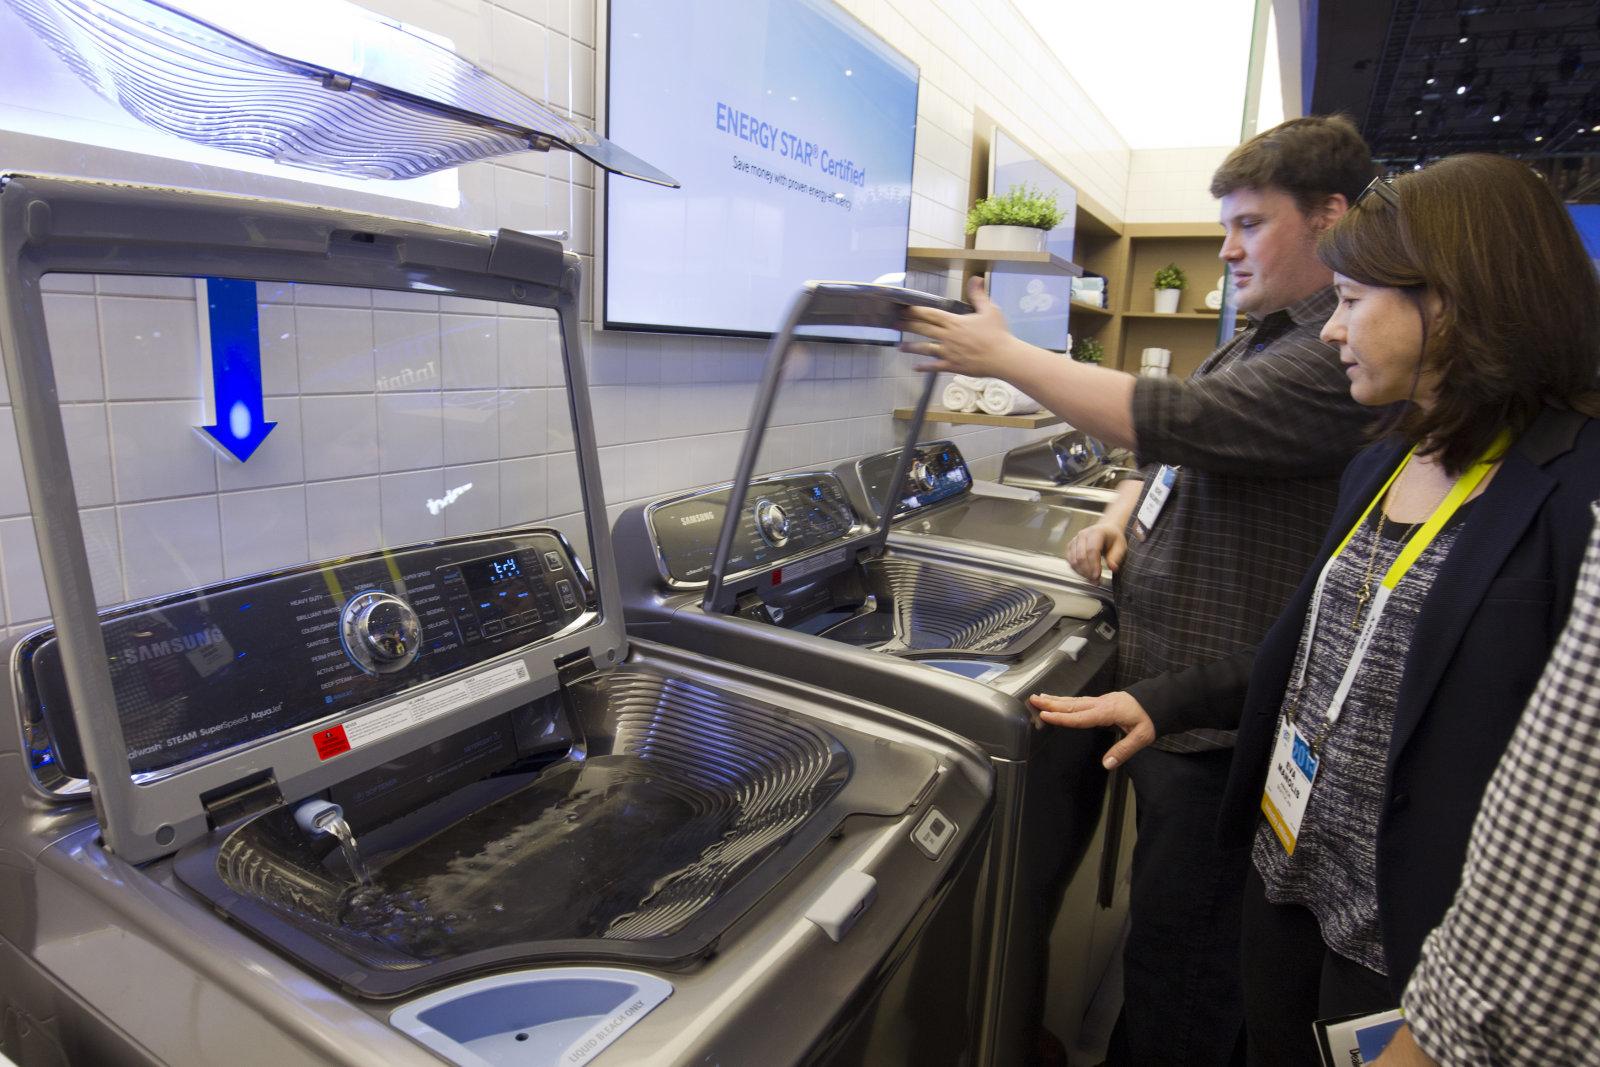 サムスン、今度は洗濯機が爆発。米国で2011~2016年生産のモデルに破裂事例相次ぐ。米関係機関が警告、集団訴訟も